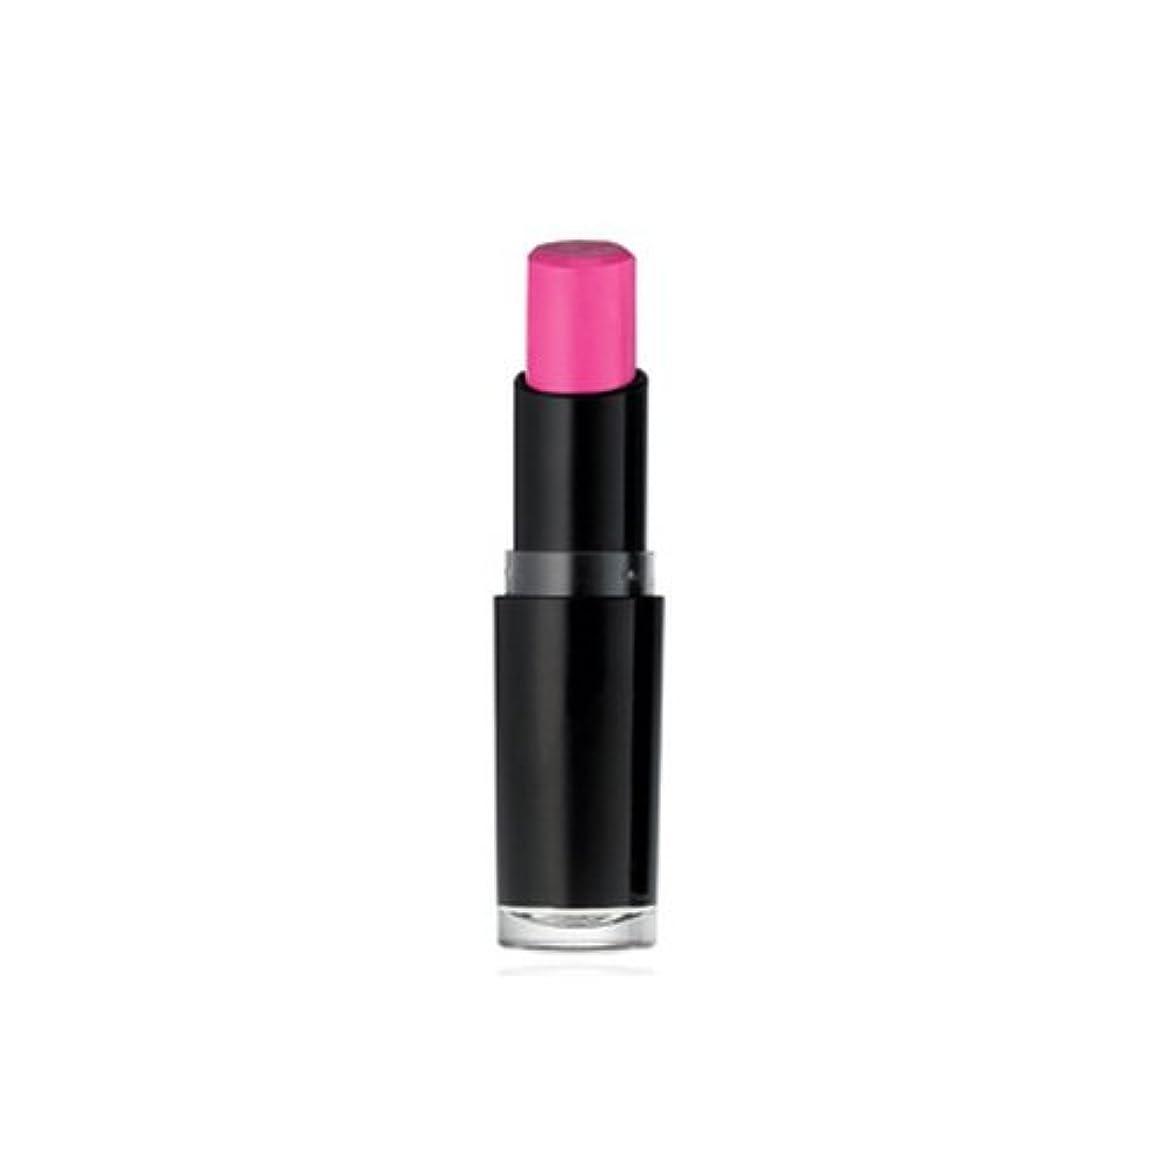 毒具体的に平らなWET N WILD Mega Last Matte Lip Cover - Dollhouse Pink (並行輸入品)